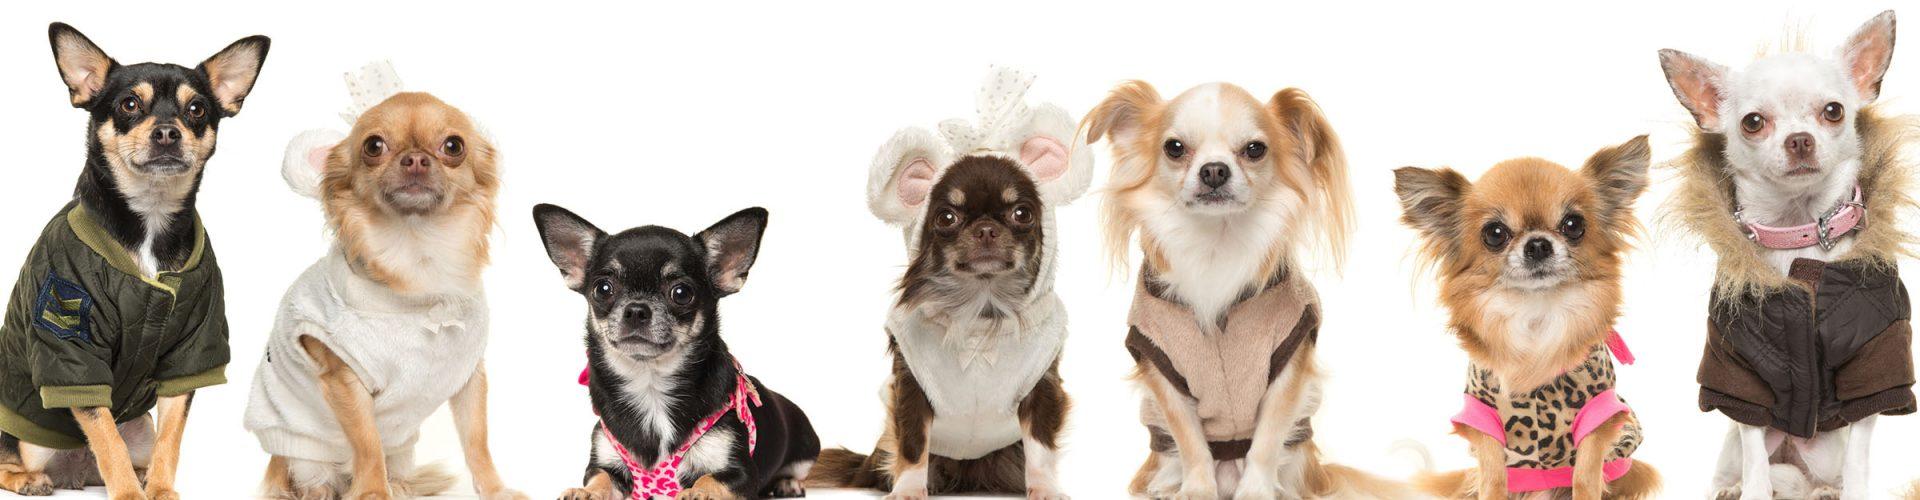 A row of cute Chihuahua's